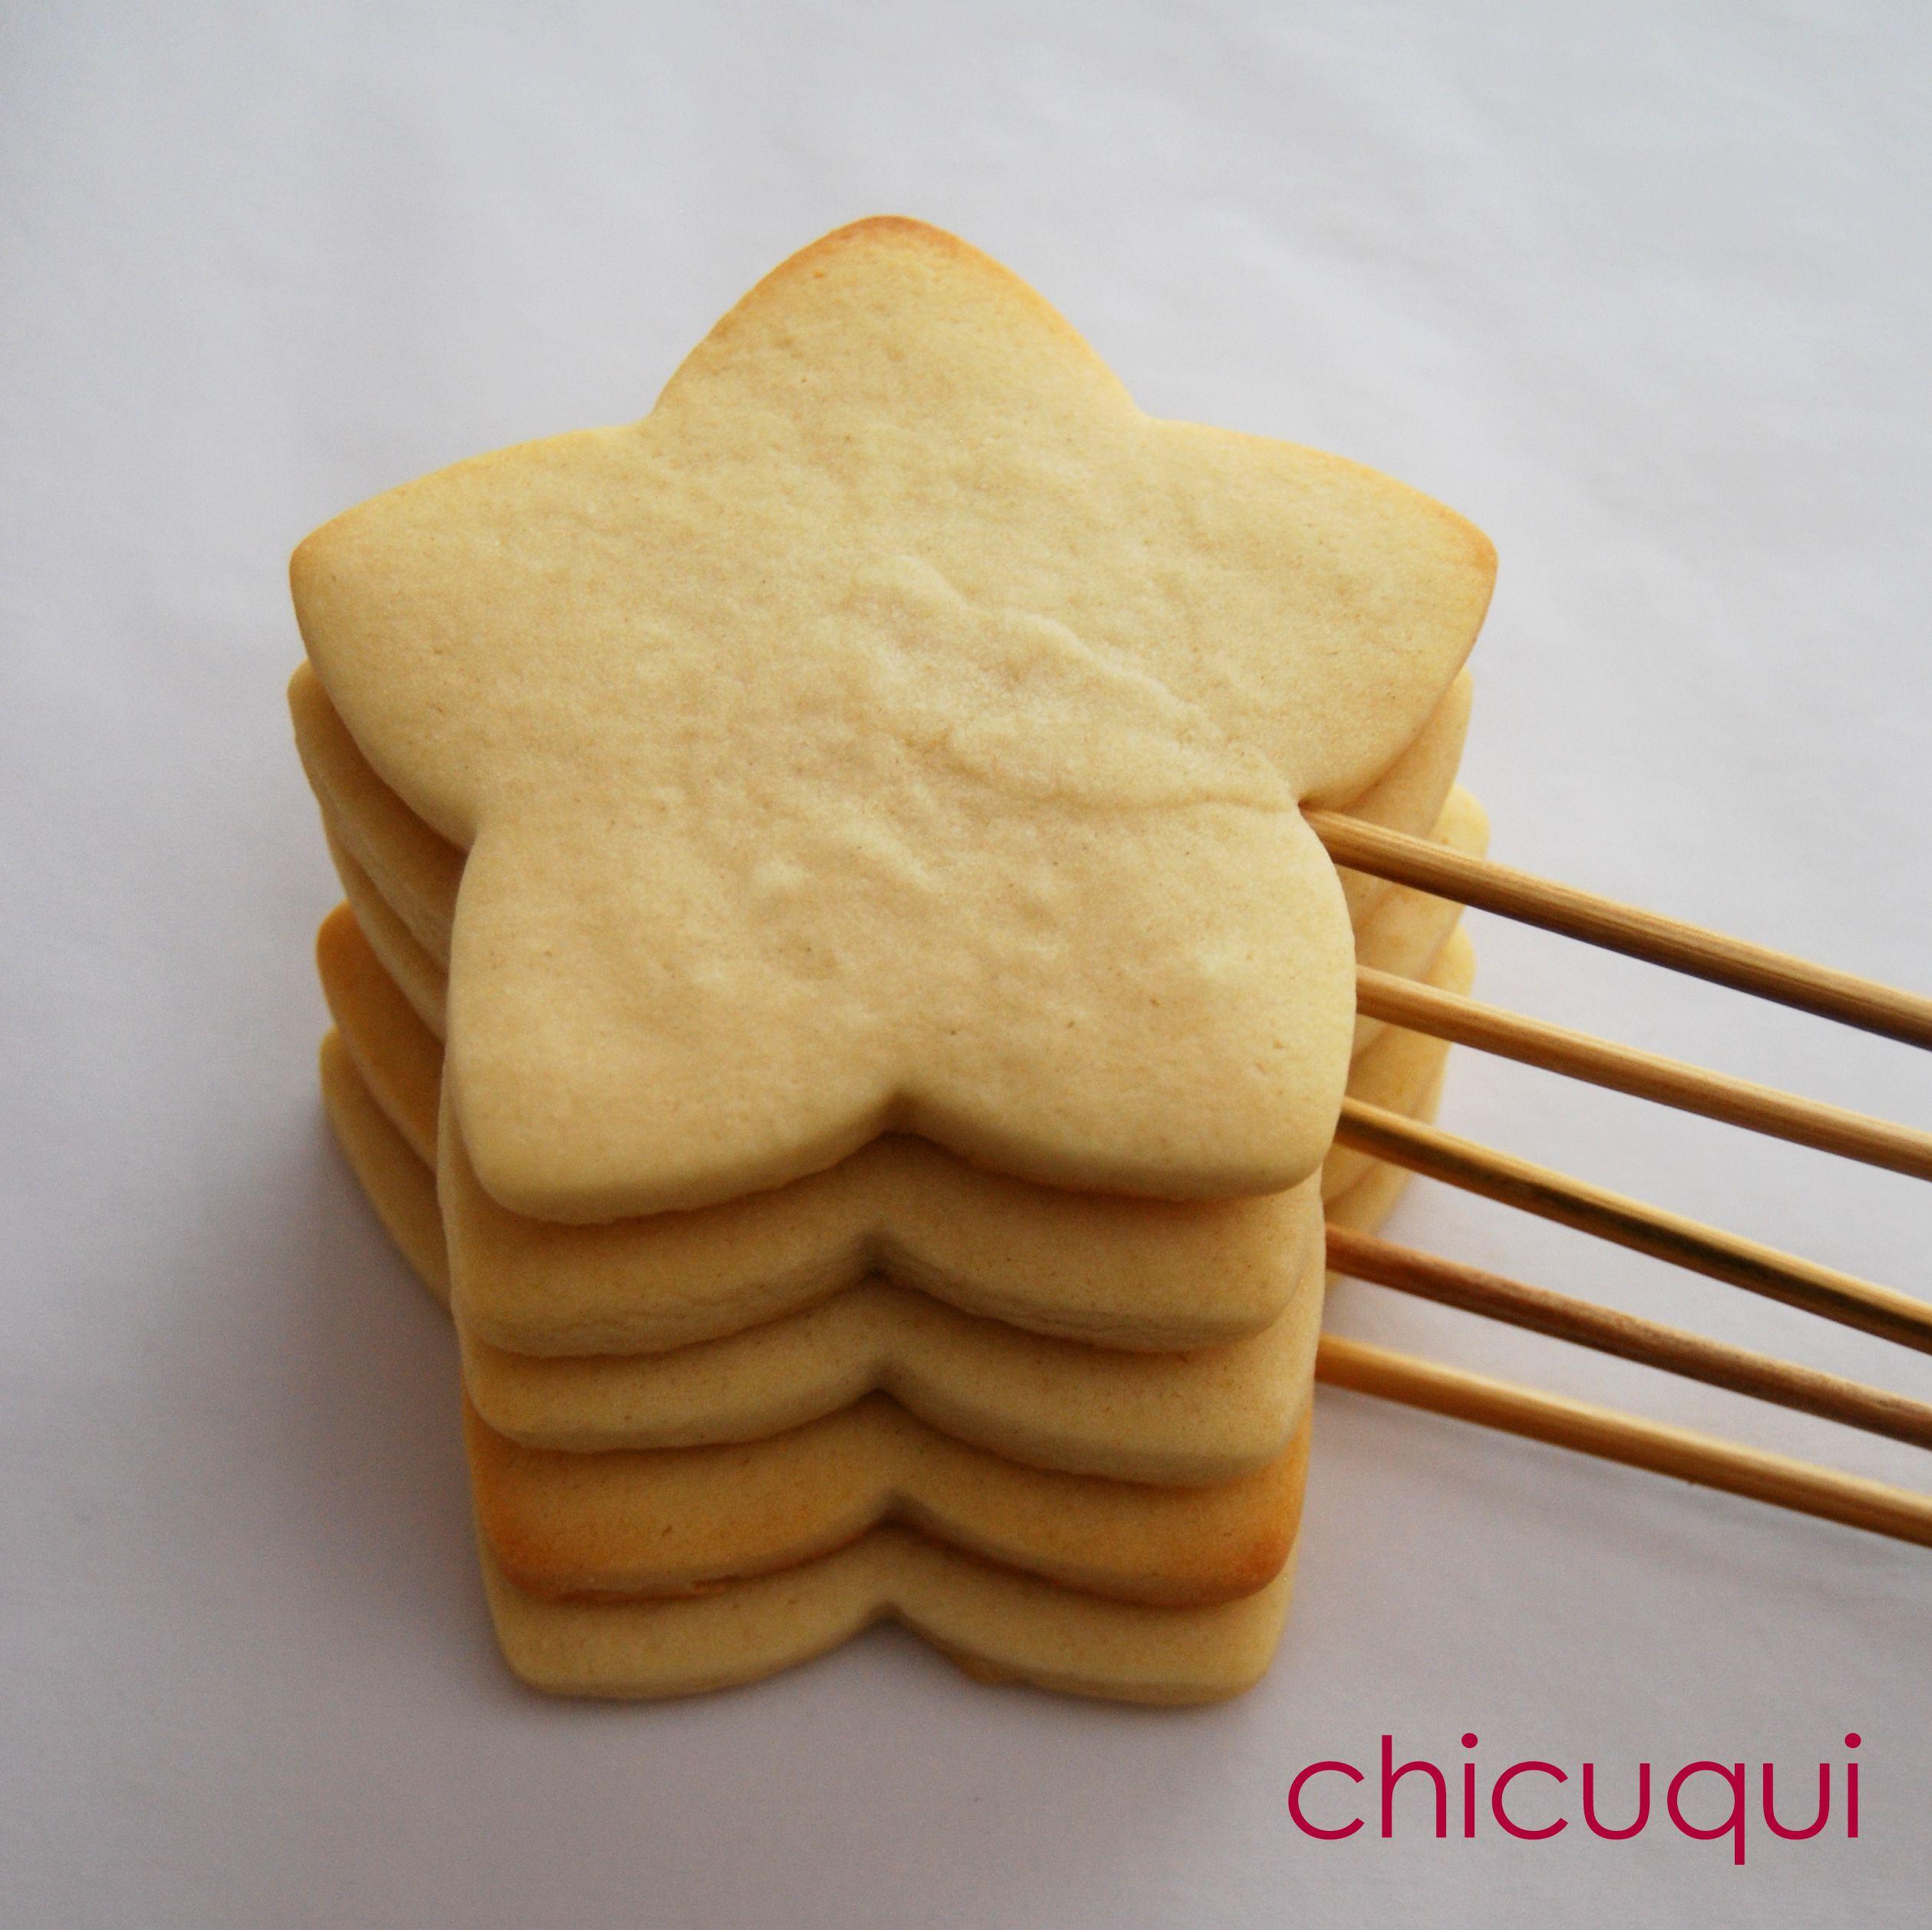 Trucos y consejos para hacer galletas decoradas